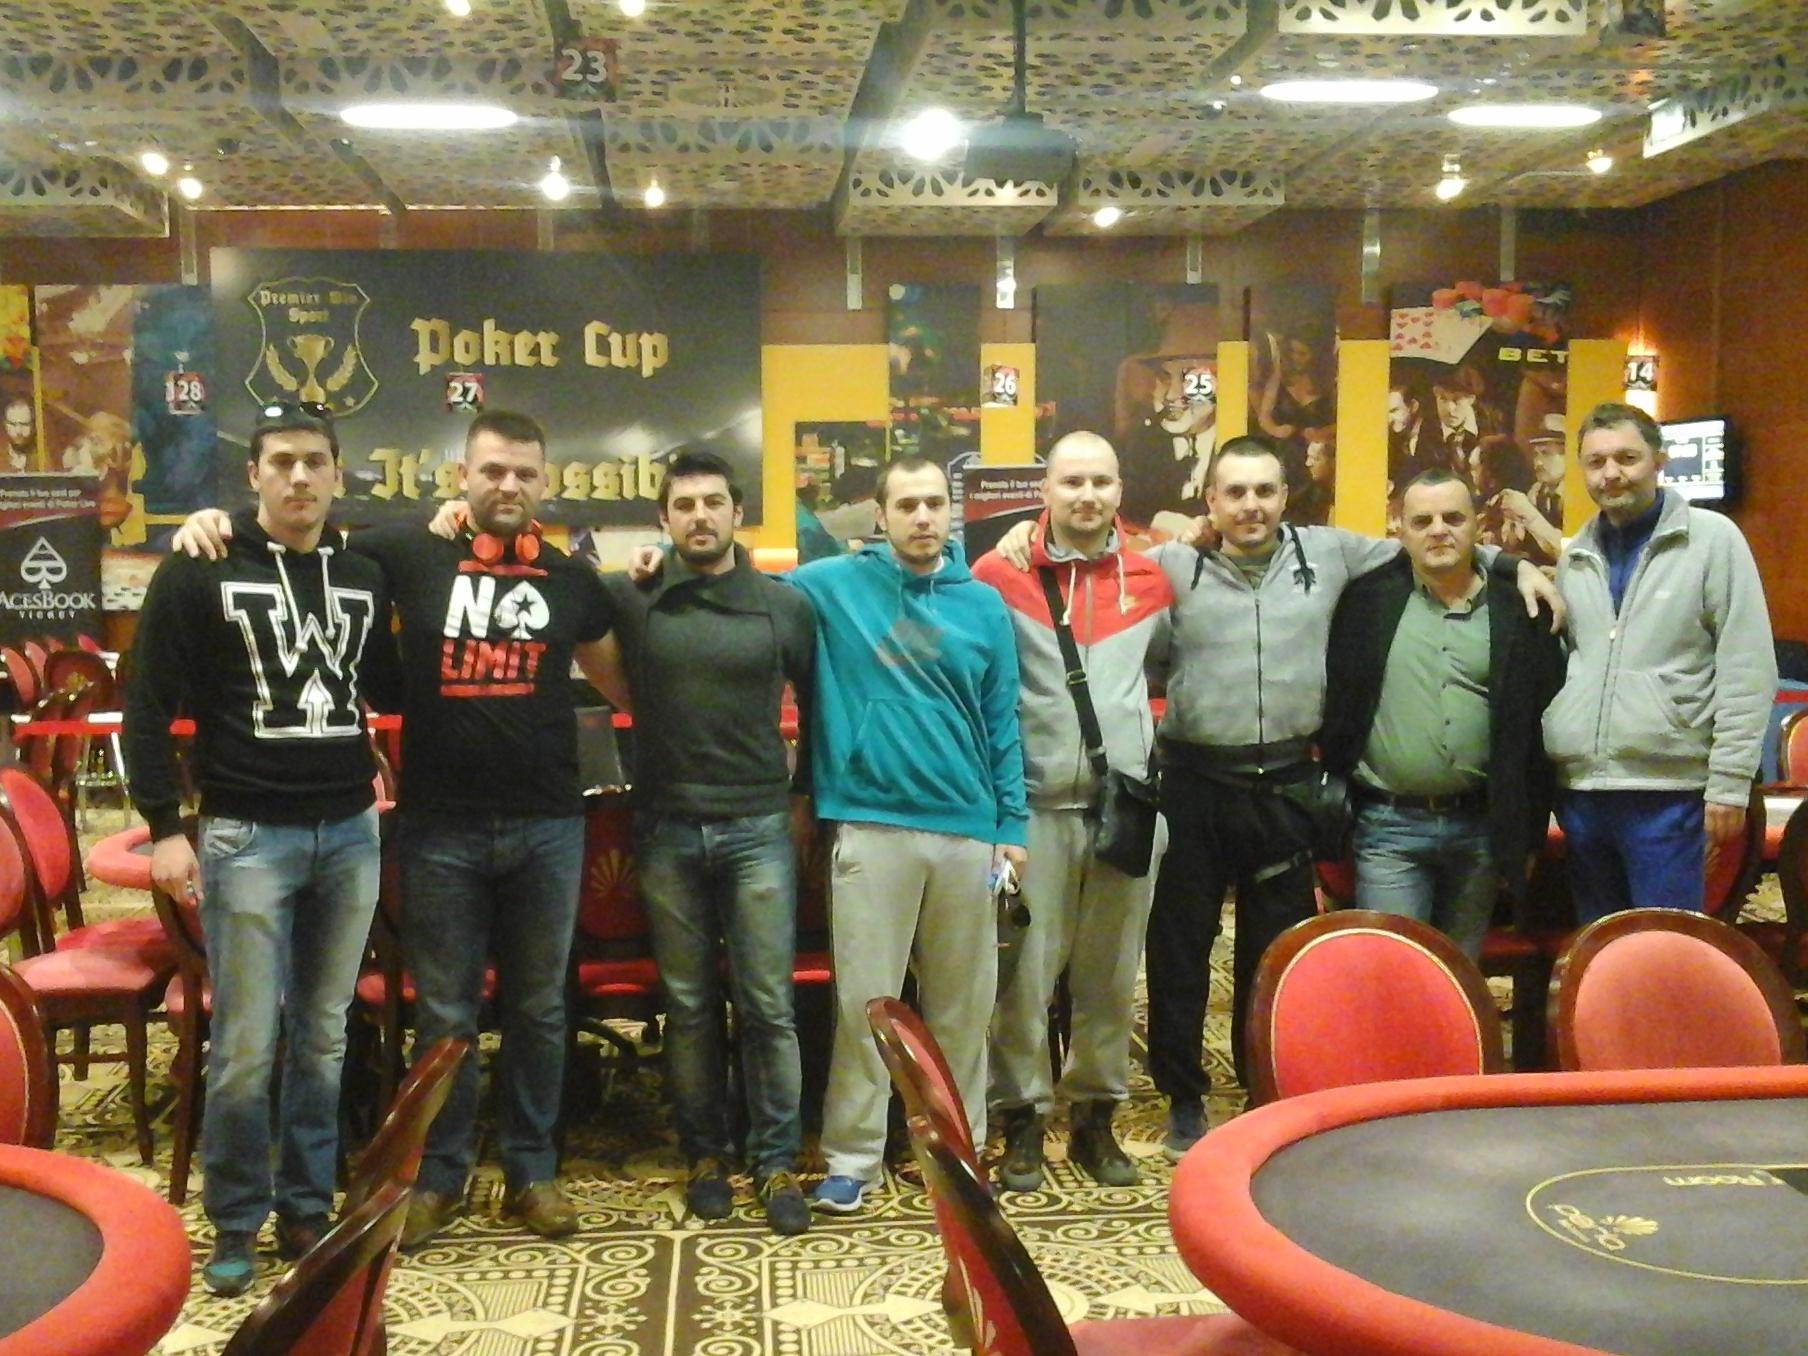 Poker Igrači Balkana Blistaju na Svim Poljima, Live i Online, Idemooooooooo Napred Naši! 101